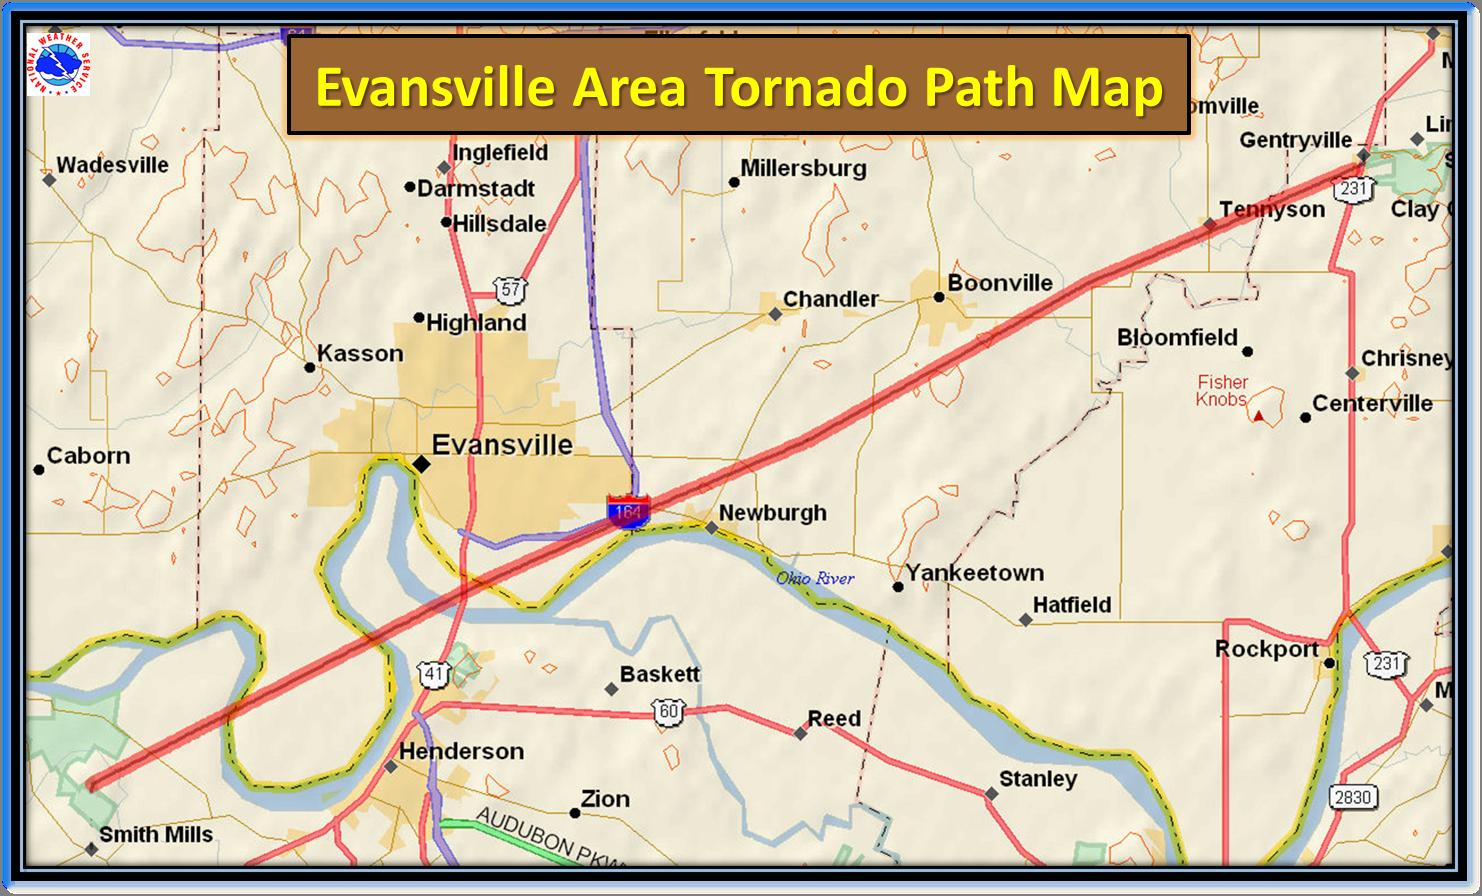 Evansville Illinois Map.Nov 6th 2005 Evansville Area Tornado